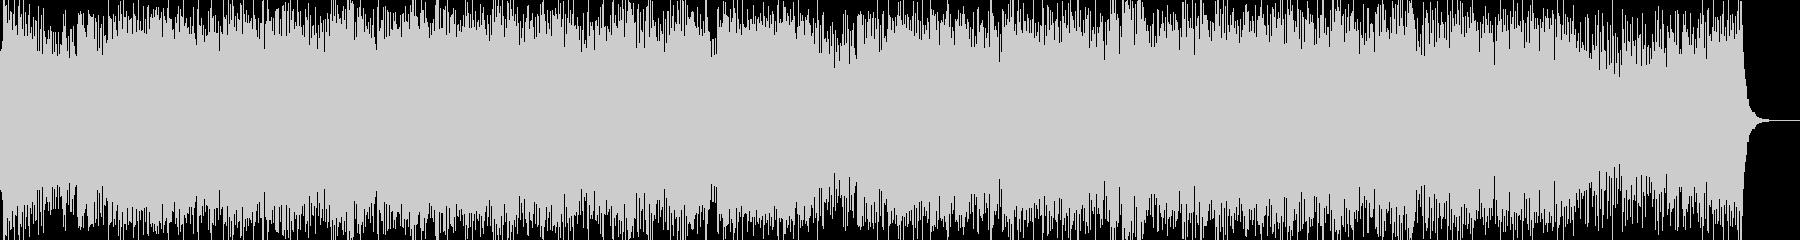 アベマリア シンプル クラシック 聖母の未再生の波形